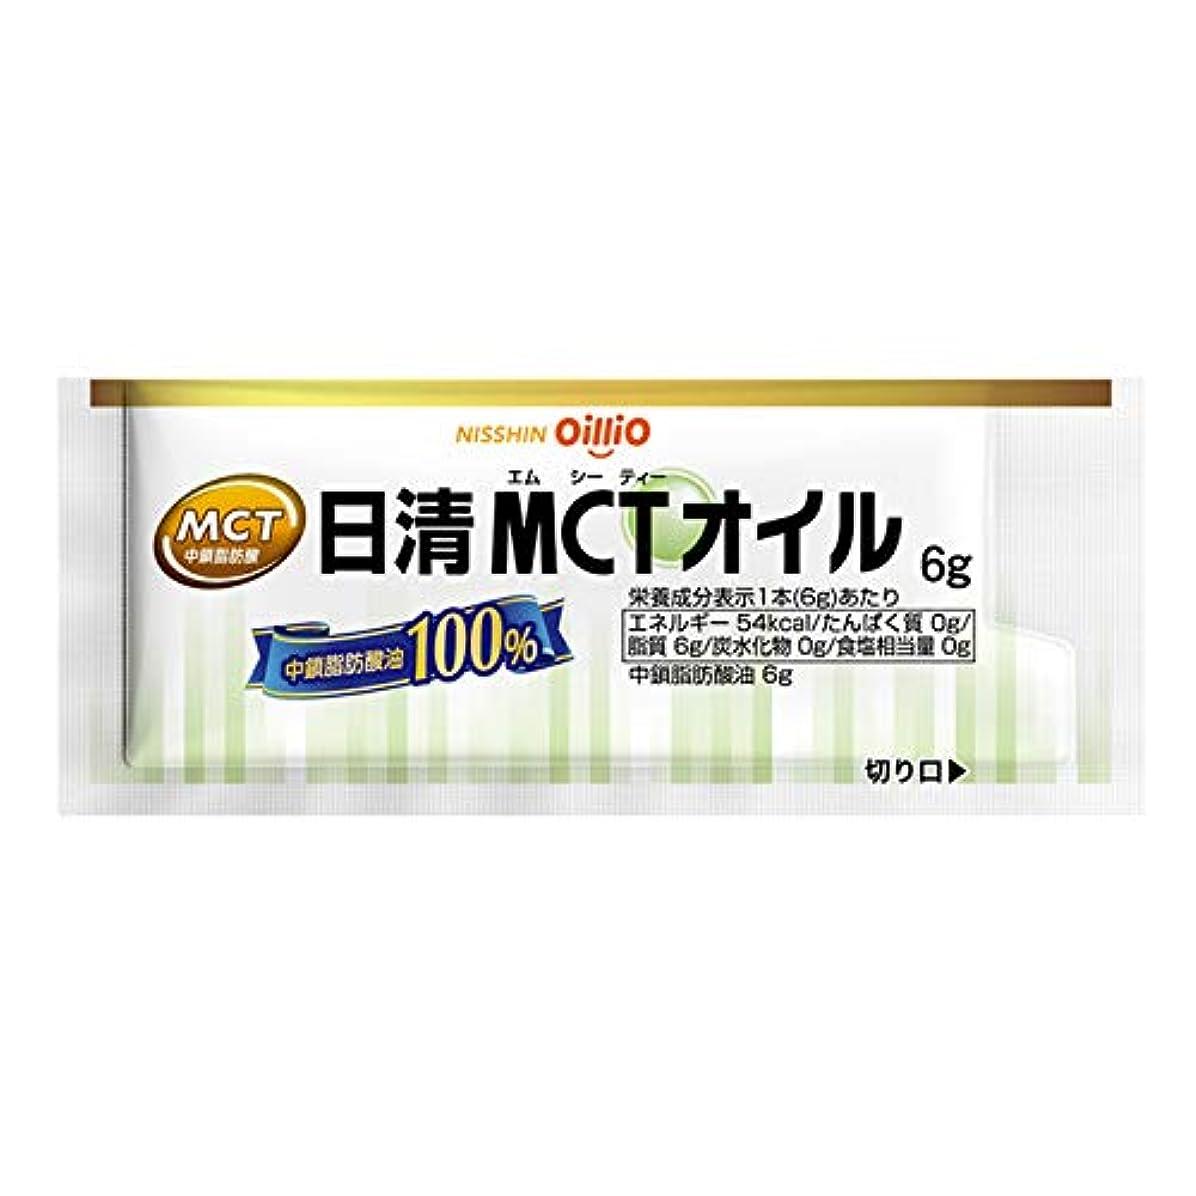 剛性一般的に早める日清MCTオイル ポーションタイプ 6g×30